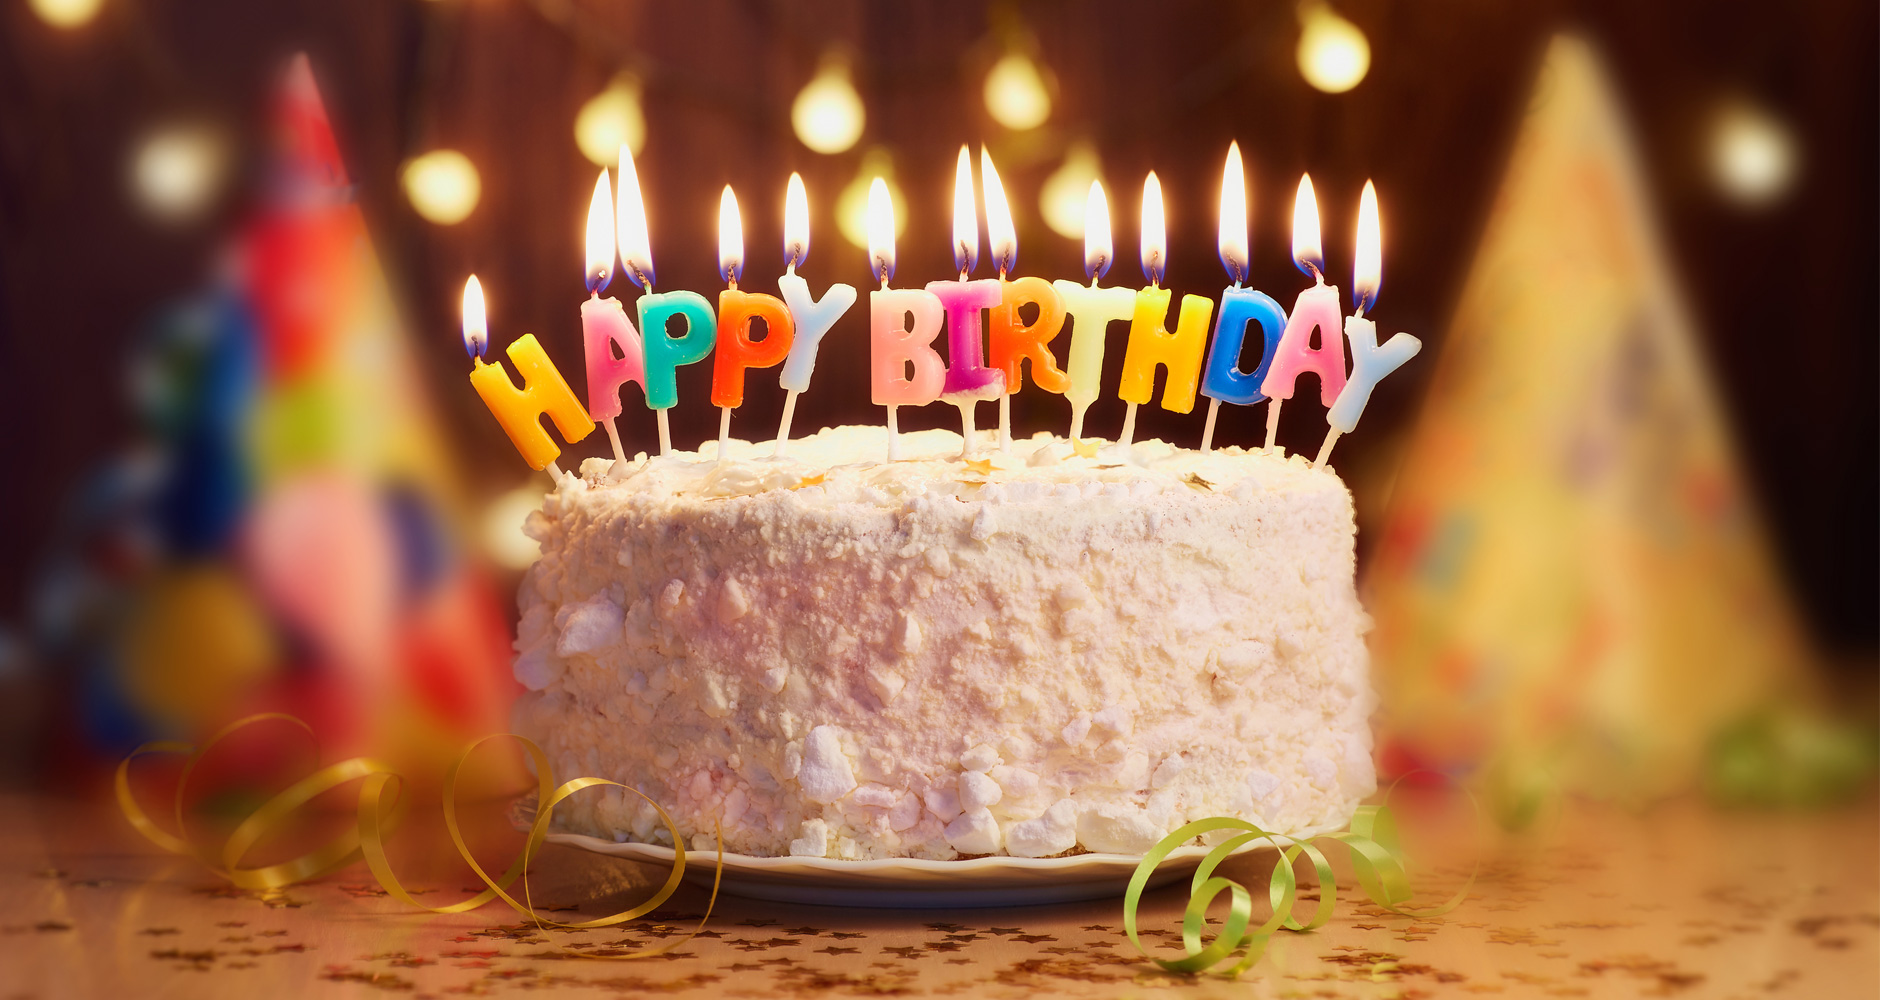 нужен только тортики фото с днем рождения грег бросился него